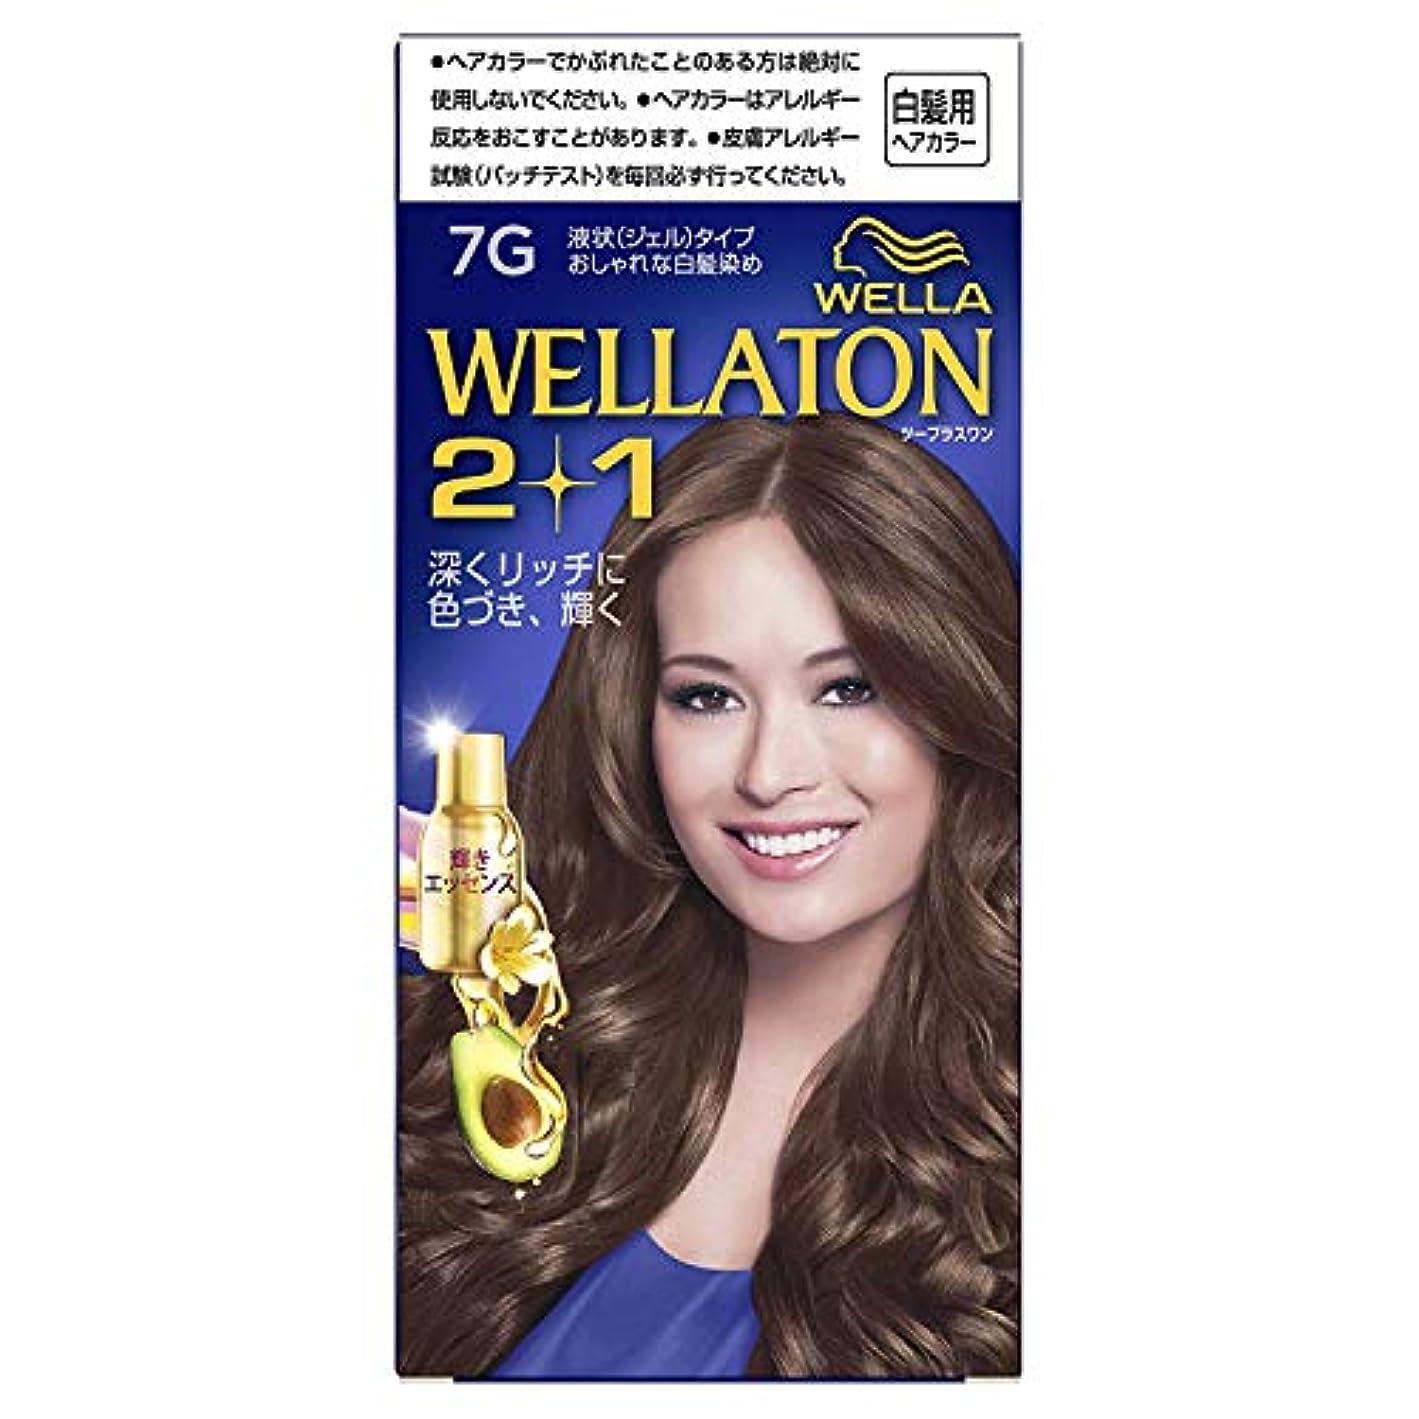 抜本的な乳白住居ウエラトーン2+1 白髪染め 液状タイプ 7G [医薬部外品] ×6個